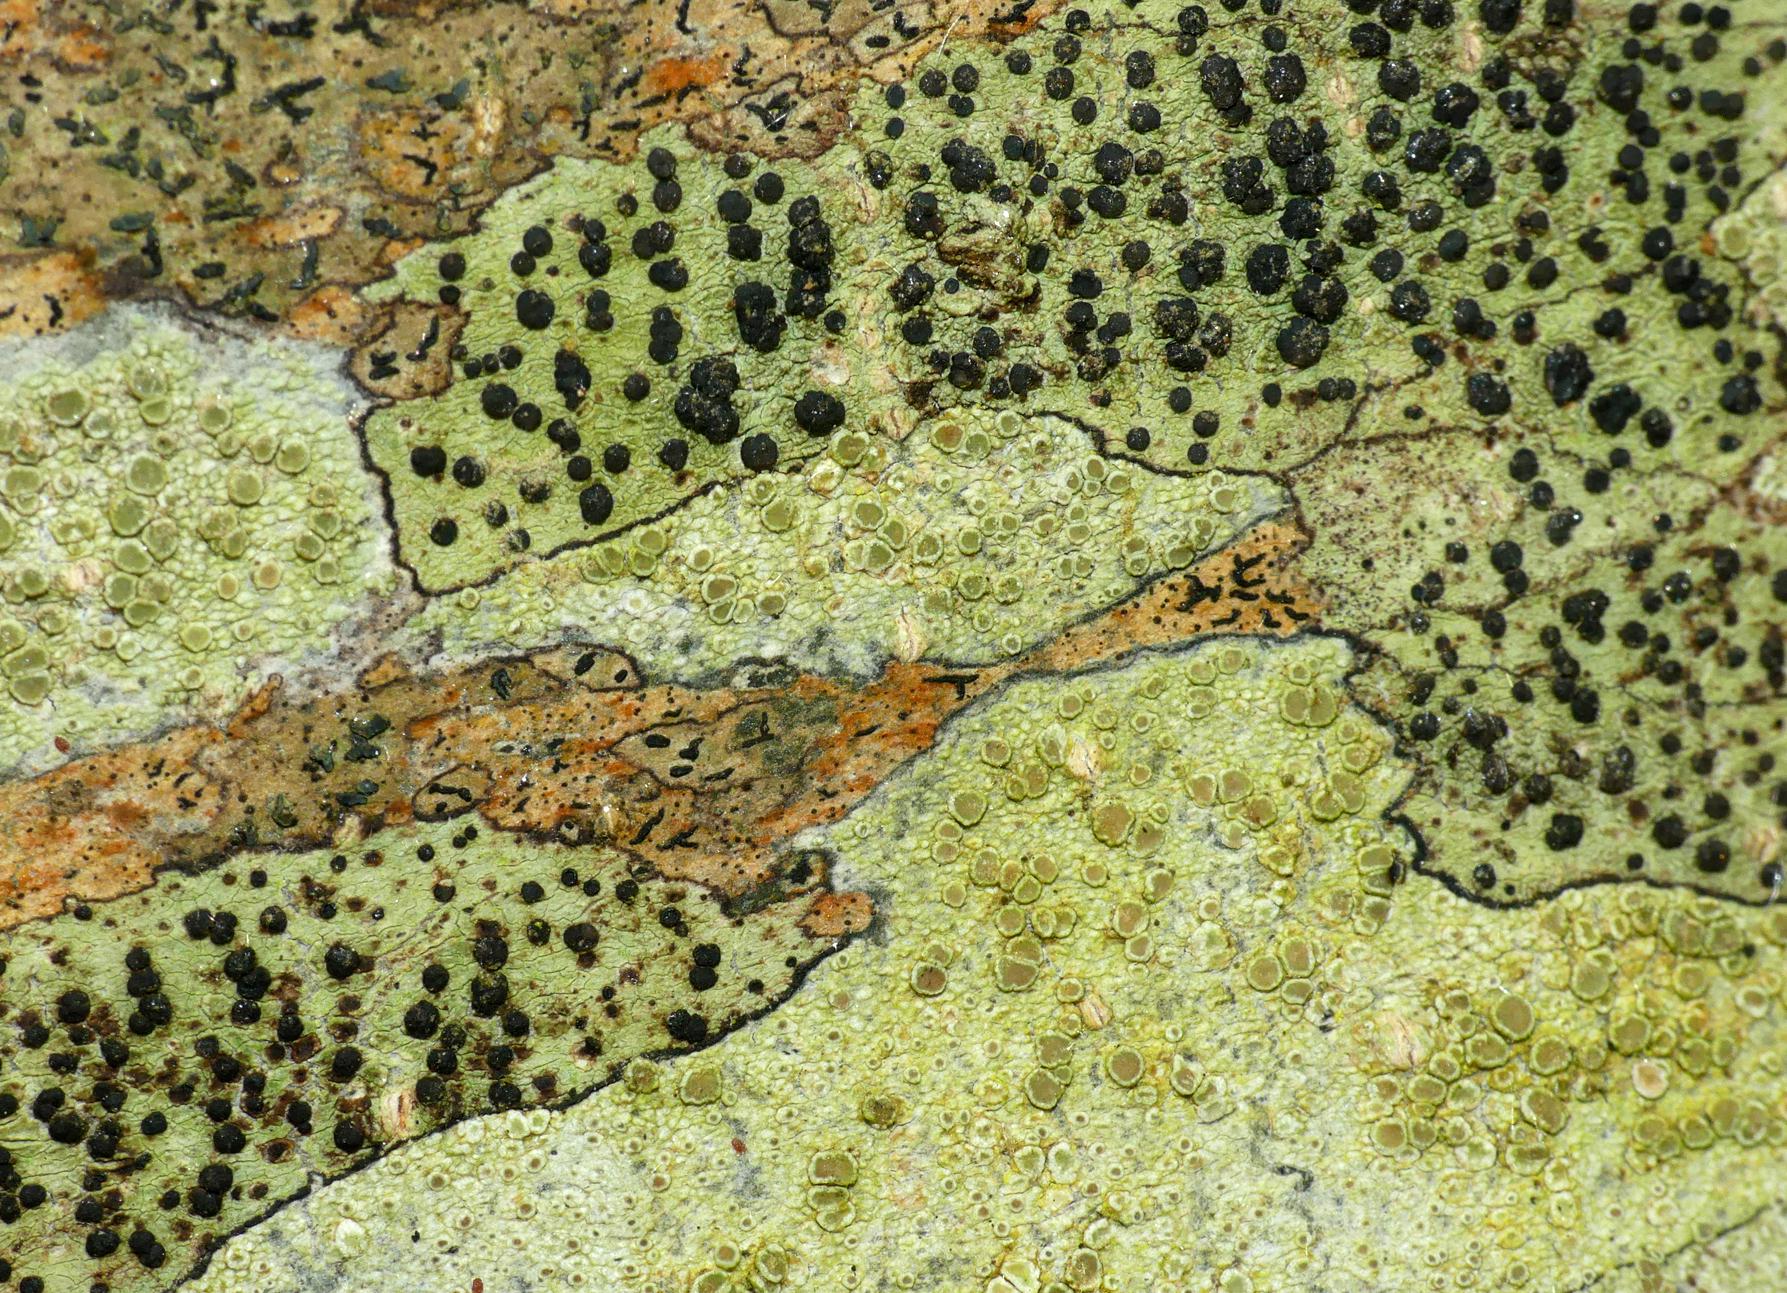 Mosaic of lichens - Garenne, 9 Jun 18